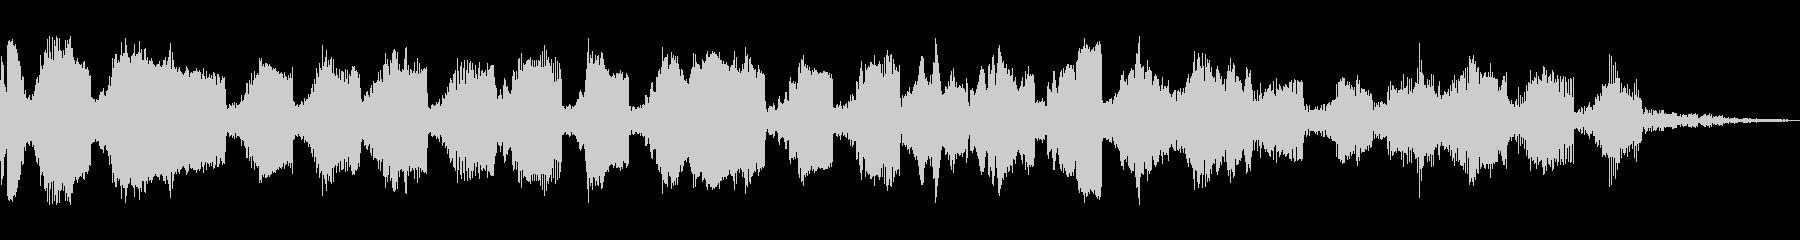 アグレッシブシンセセグ2の未再生の波形